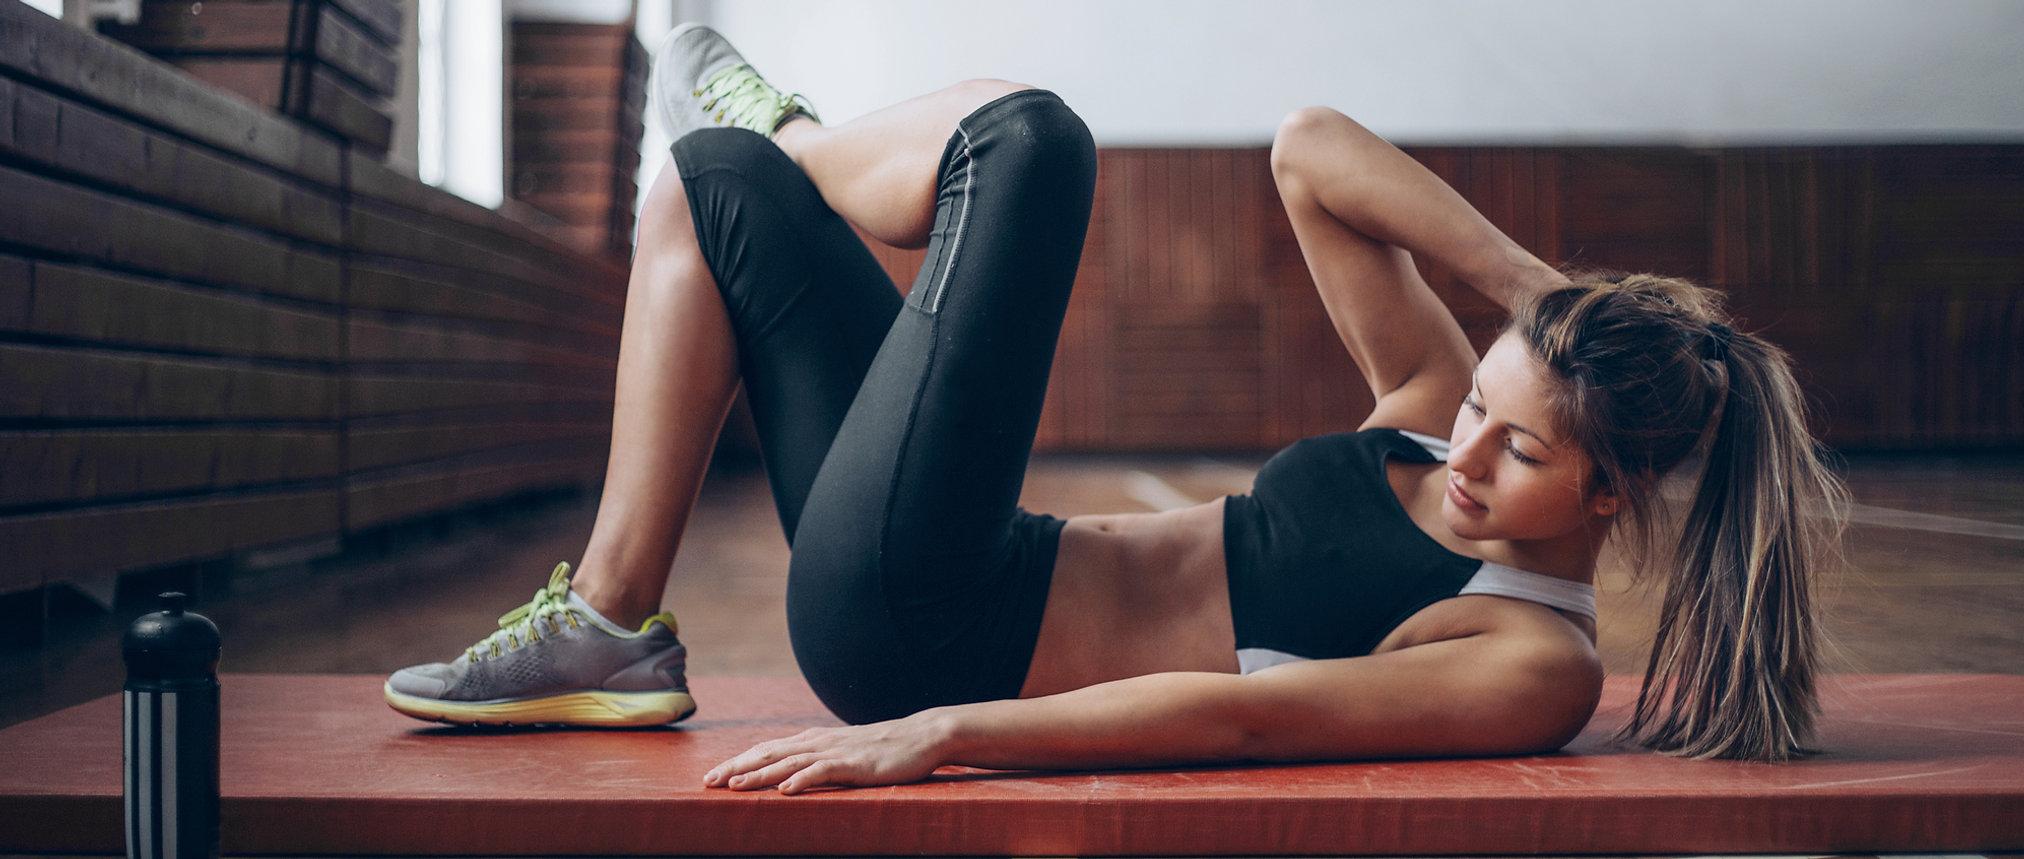 Sportivo Kempten, Fitness Kempten, Trainieren, funktionelles Training, TRX, Five